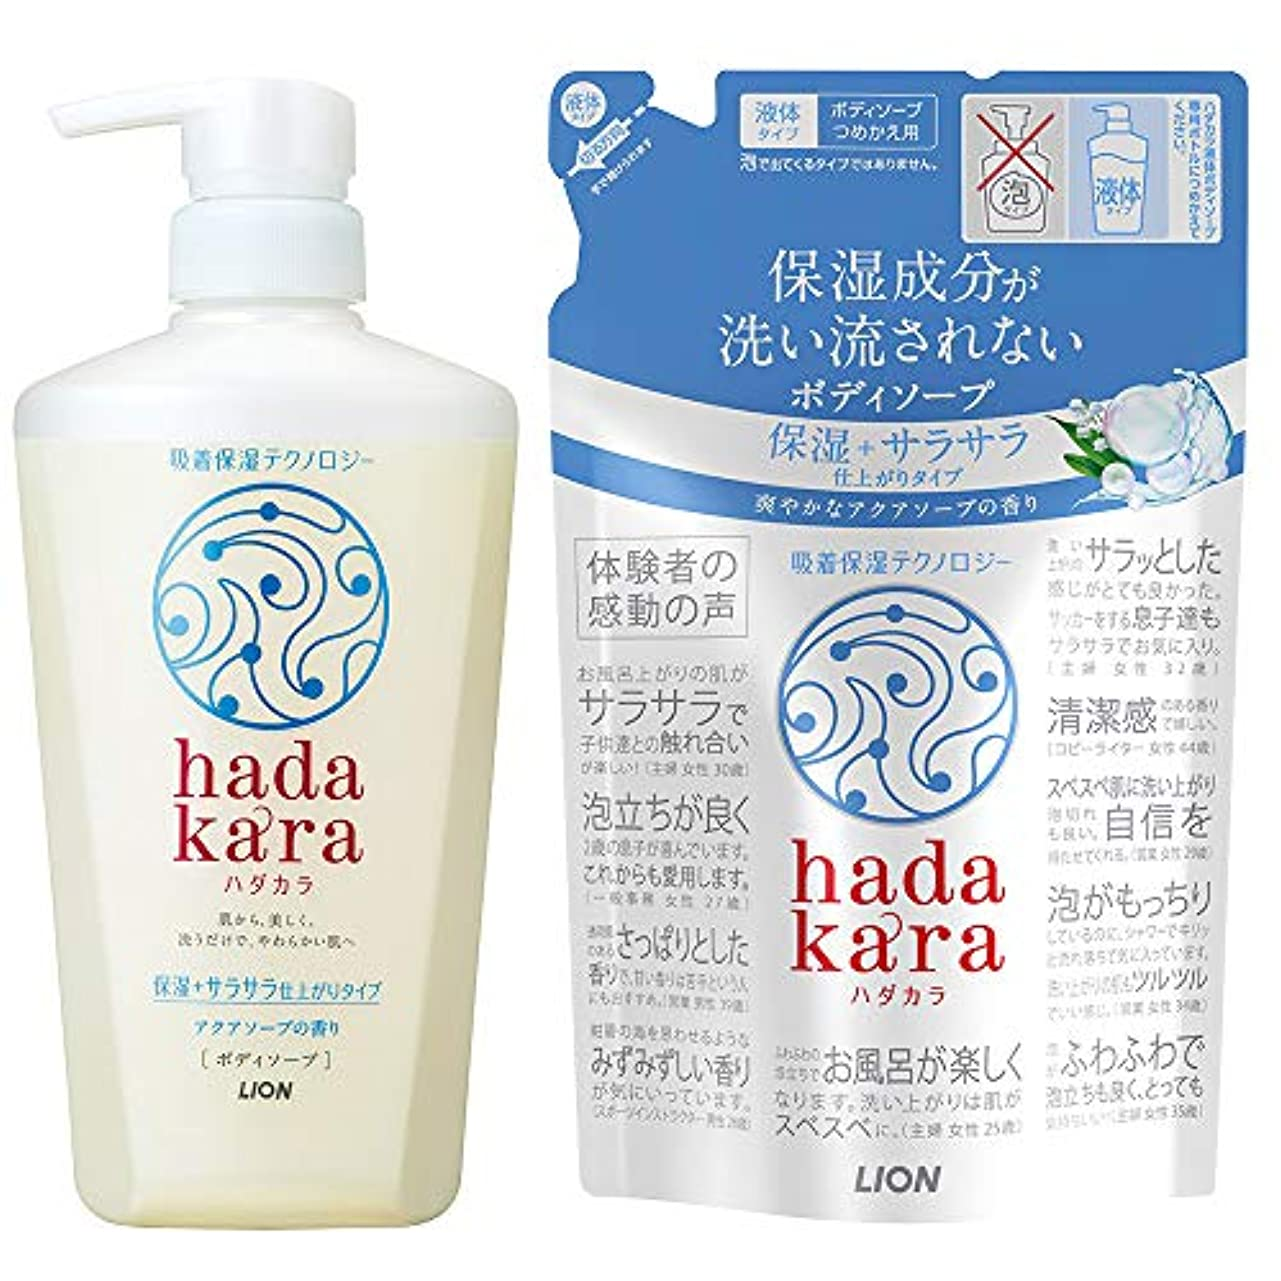 ポインタ省コストhadakara(ハダカラ)ボディソープ 保湿+サラサラ仕上がりタイプ アクアソープの香り 本体 480ml + つめかえ 340ml